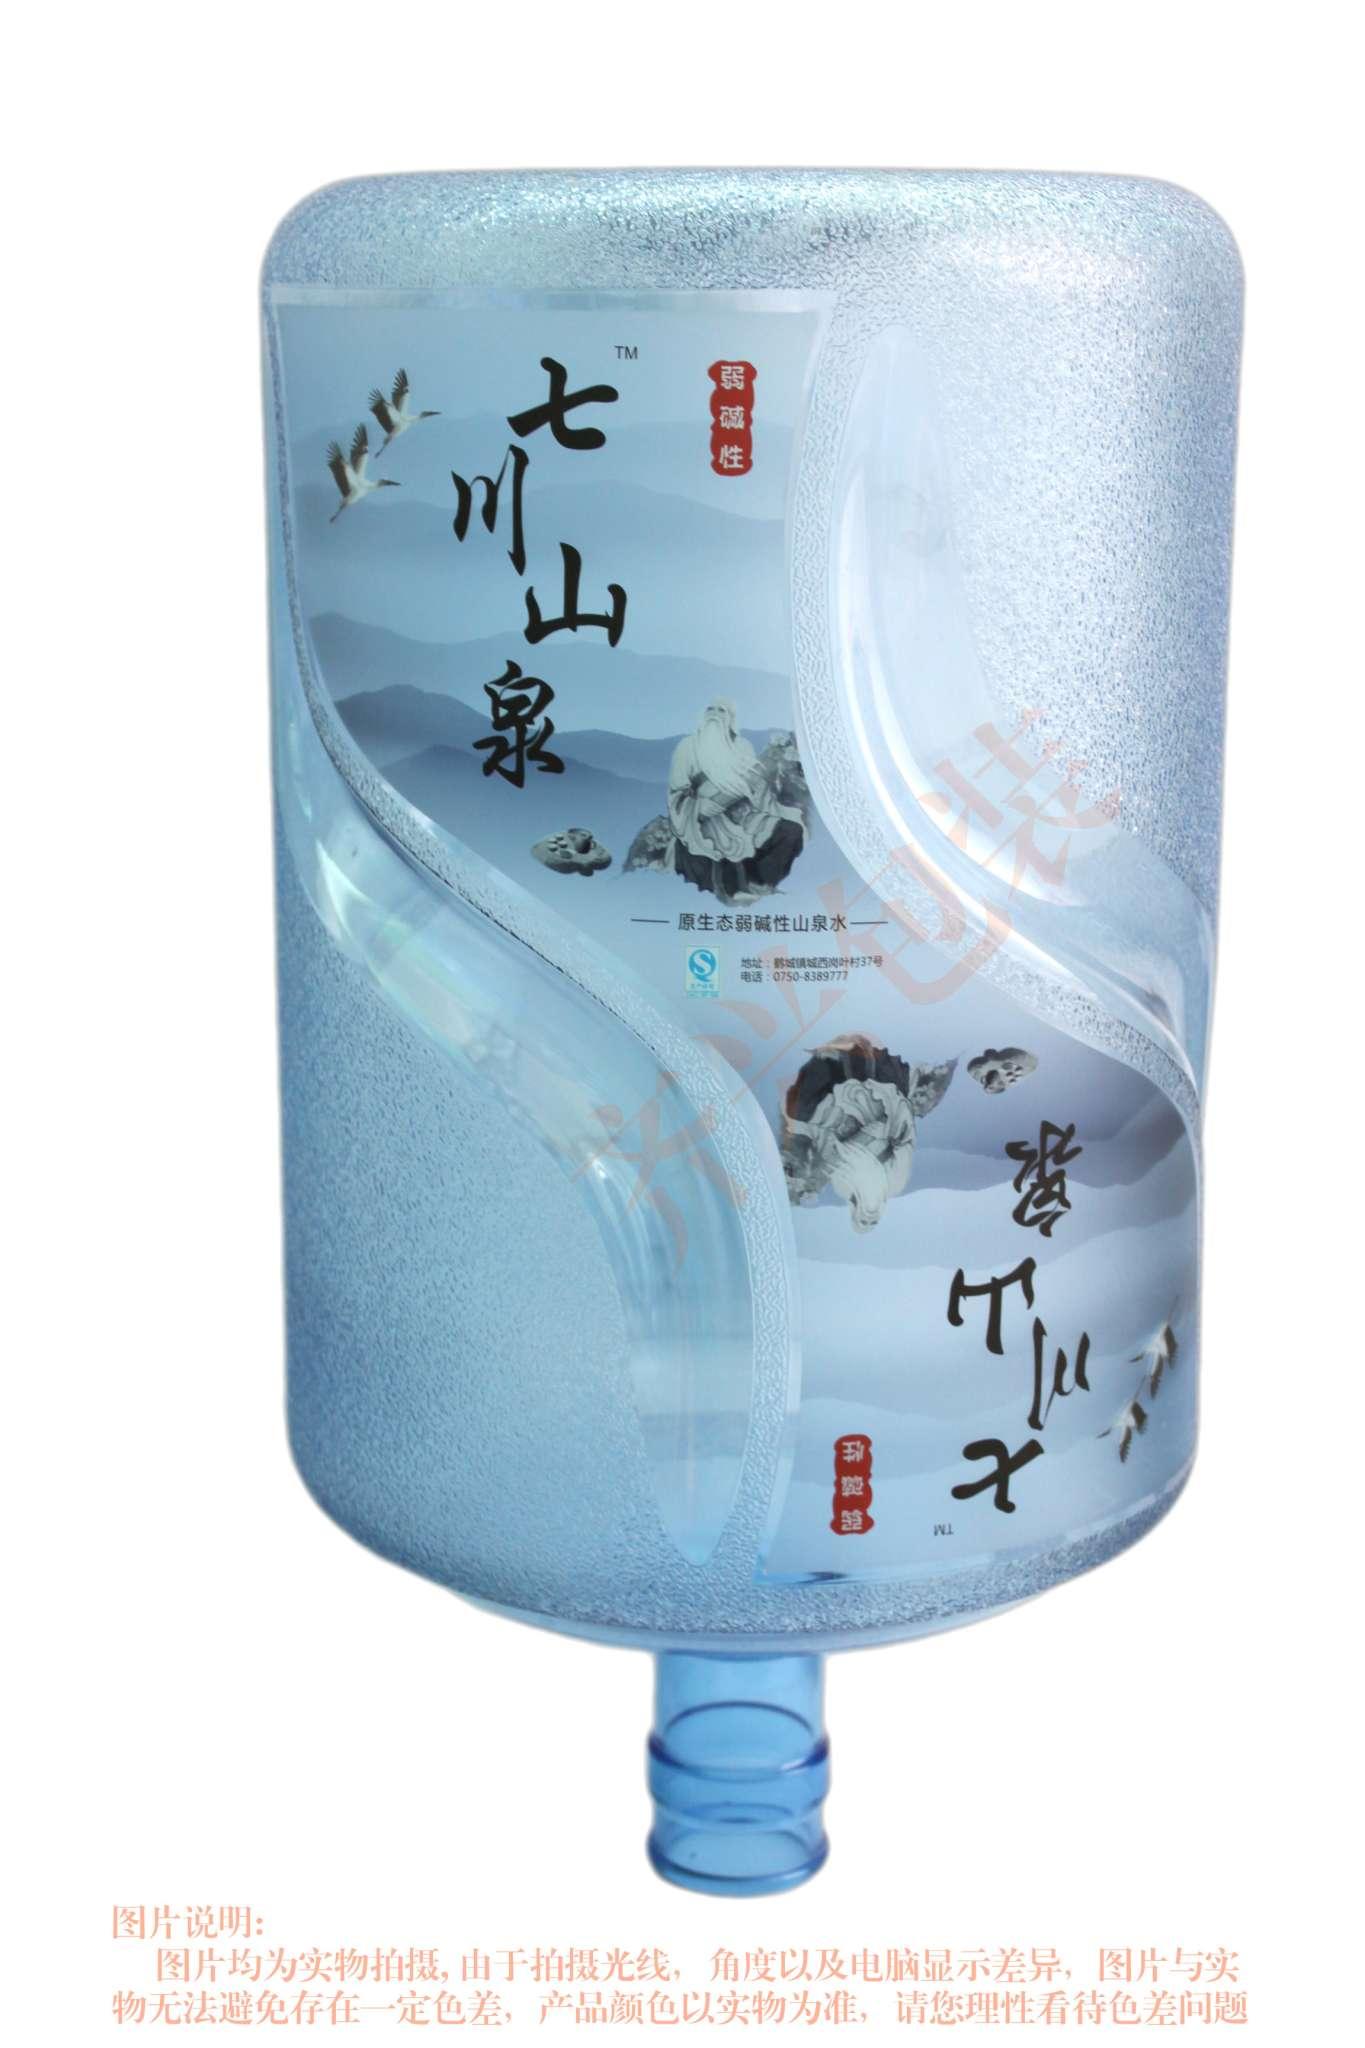 水桶标签5 - 佛山市齐兴包装材料有限公司